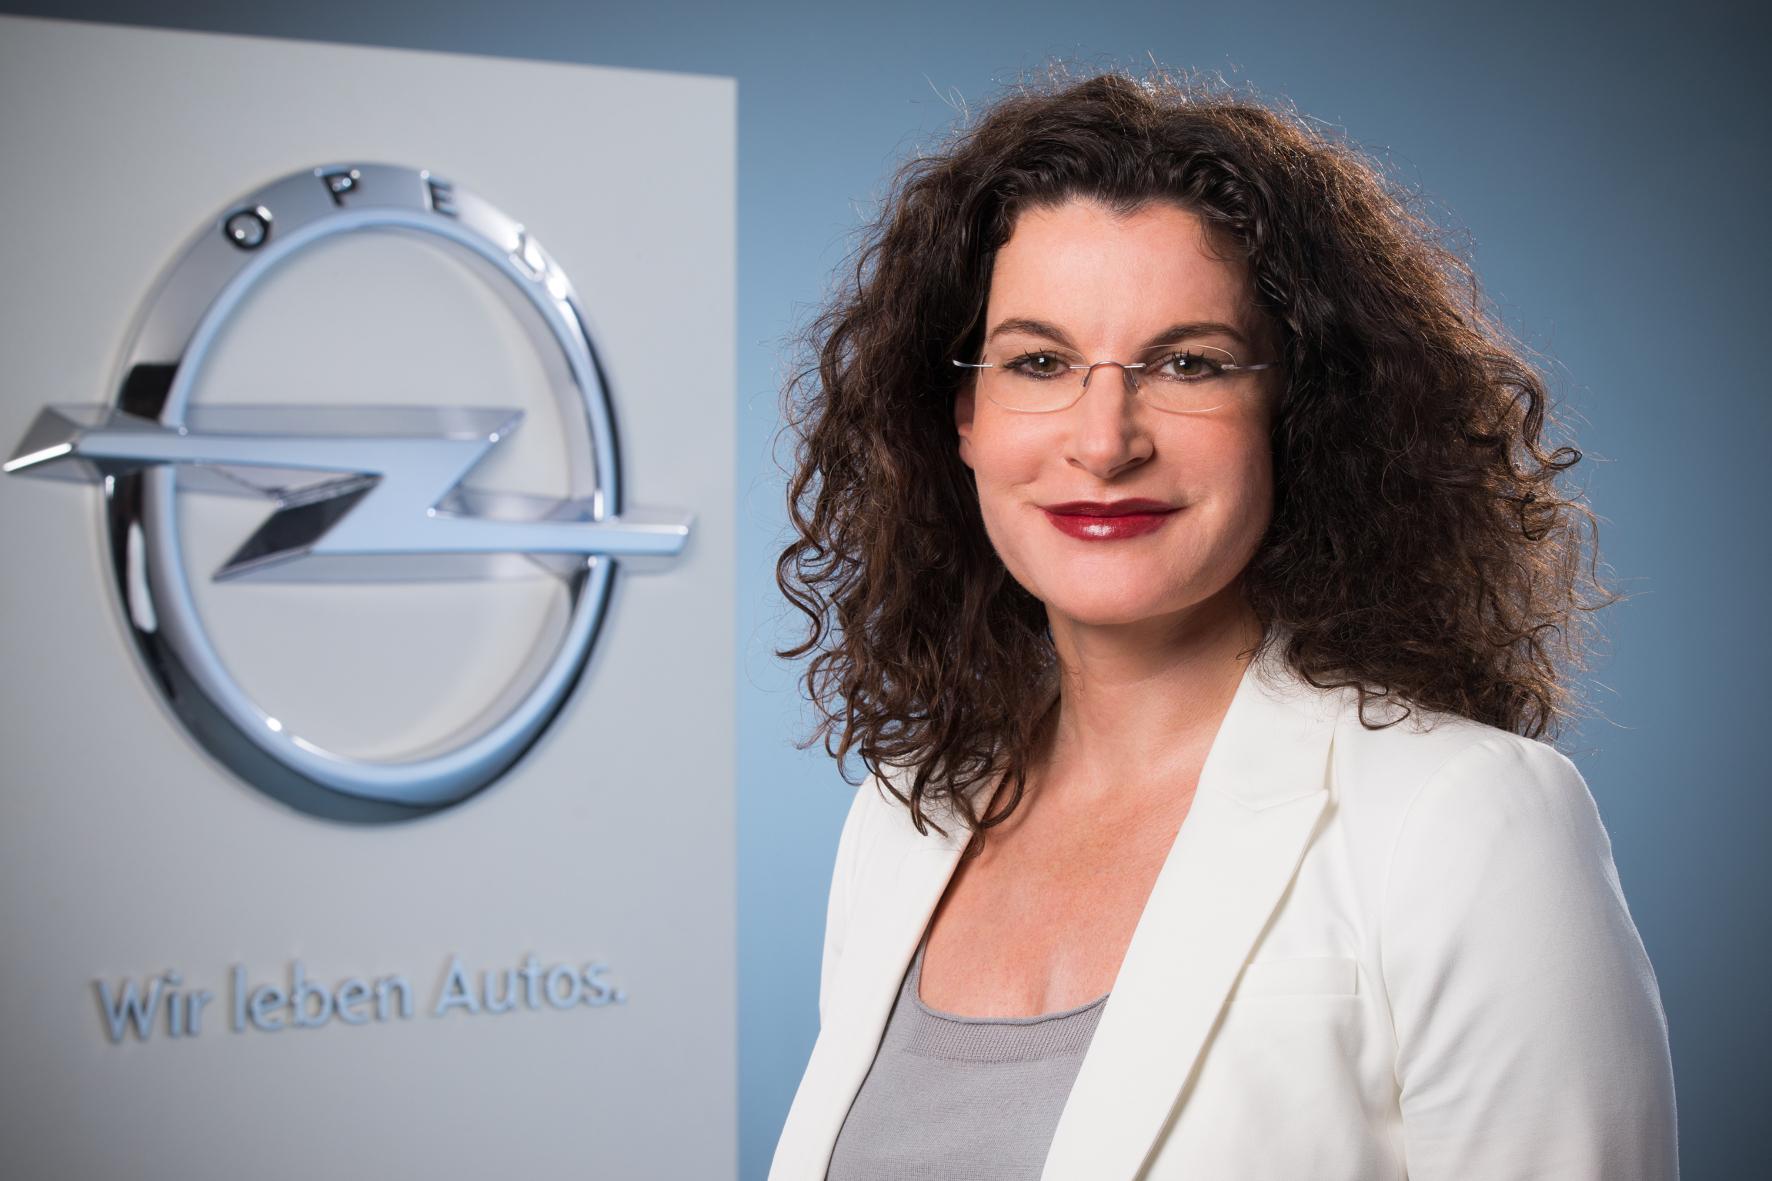 mid Paris - Seit drei Jahren an Bord und schon viel bewegt: Opel Marketing-Chefin Tina Müller hat die Marke umgeparkt.